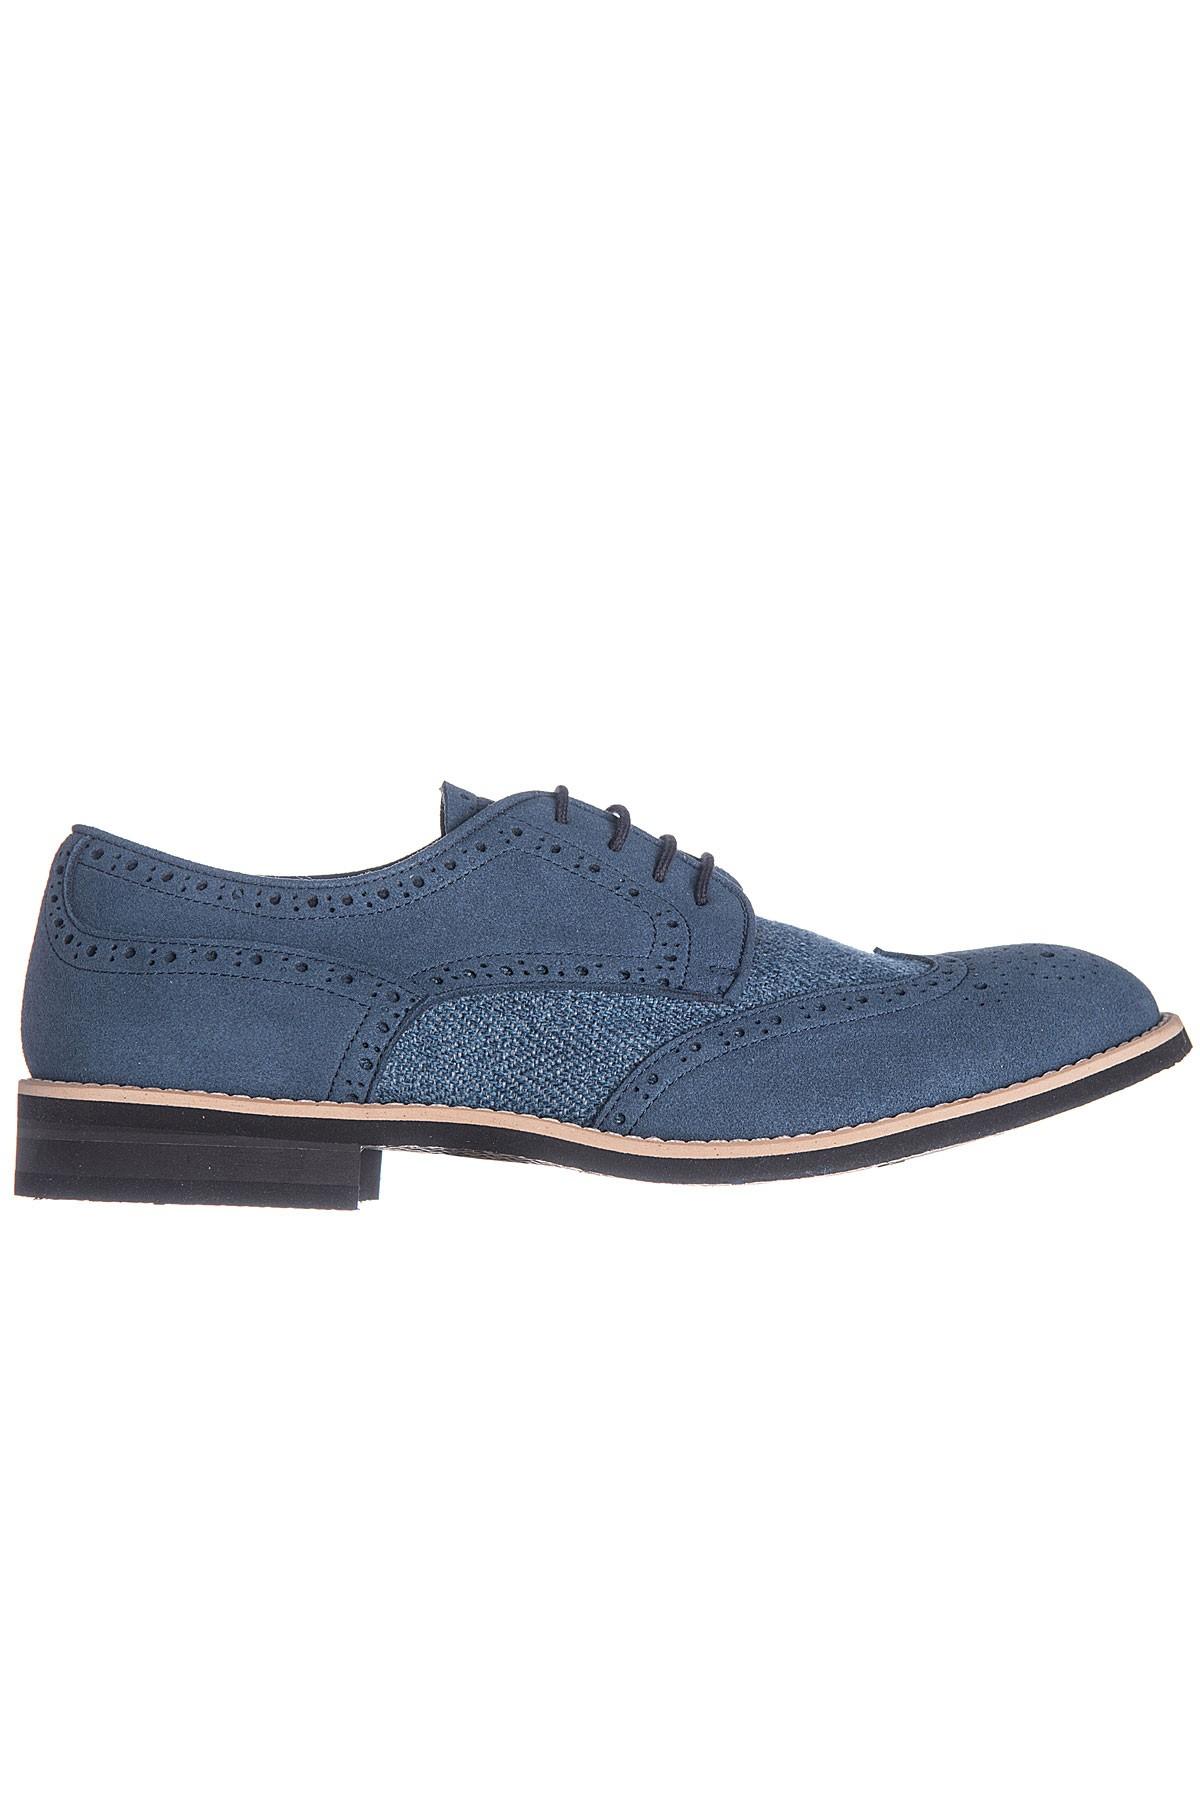 Fontana Shoe Store